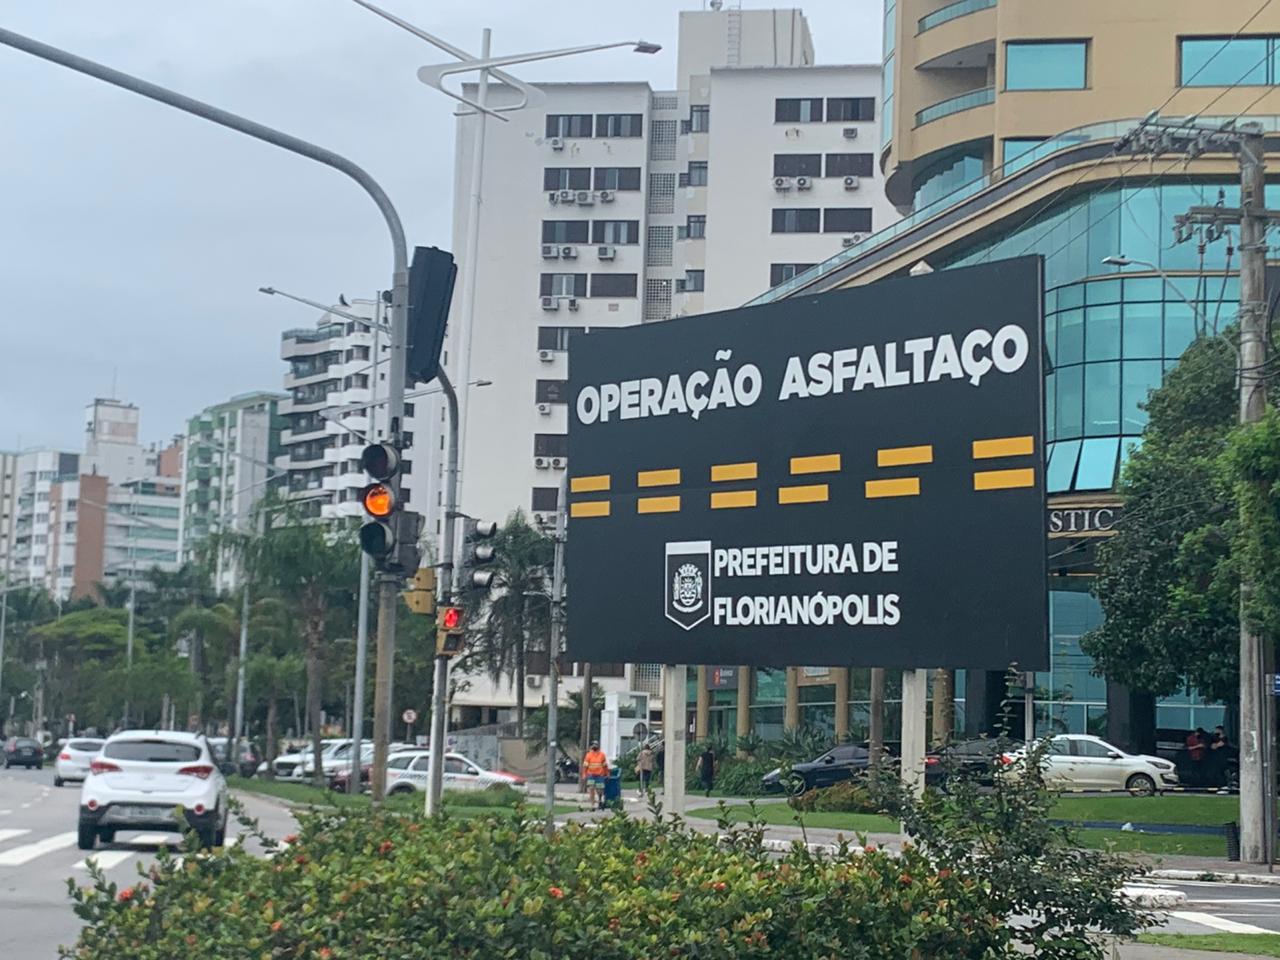 Florianópolis: Governo Gean Loureiro valoriza mais o asfalto do que a vida